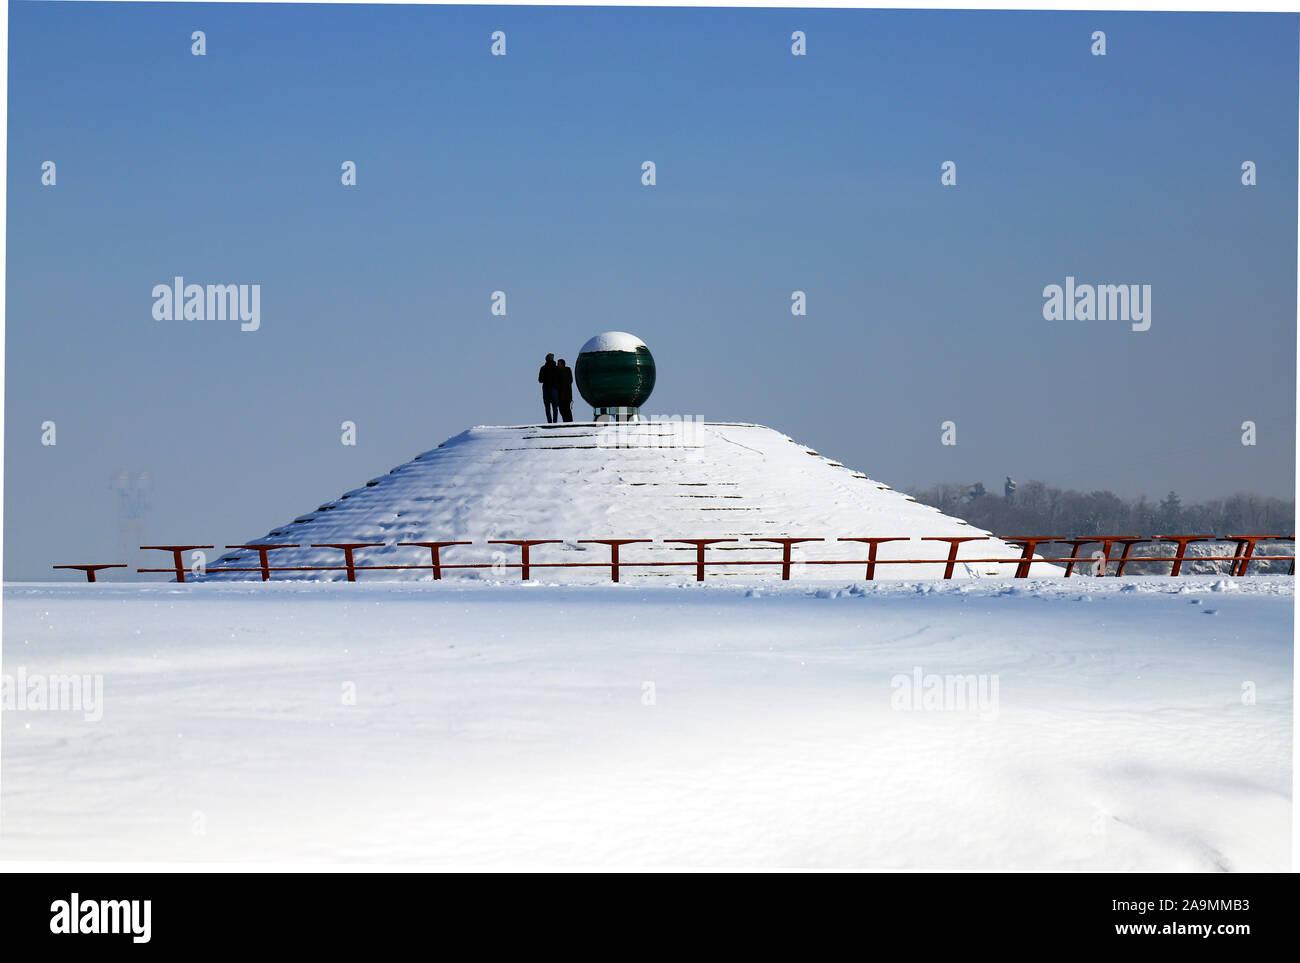 Paysage d'hiver enneigé, rues et une pyramide couverte de neige. Dans la ville, ville de Dnipro Dniepropetrovsk, Ukraine, Décembre, Janvier, Février Banque D'Images